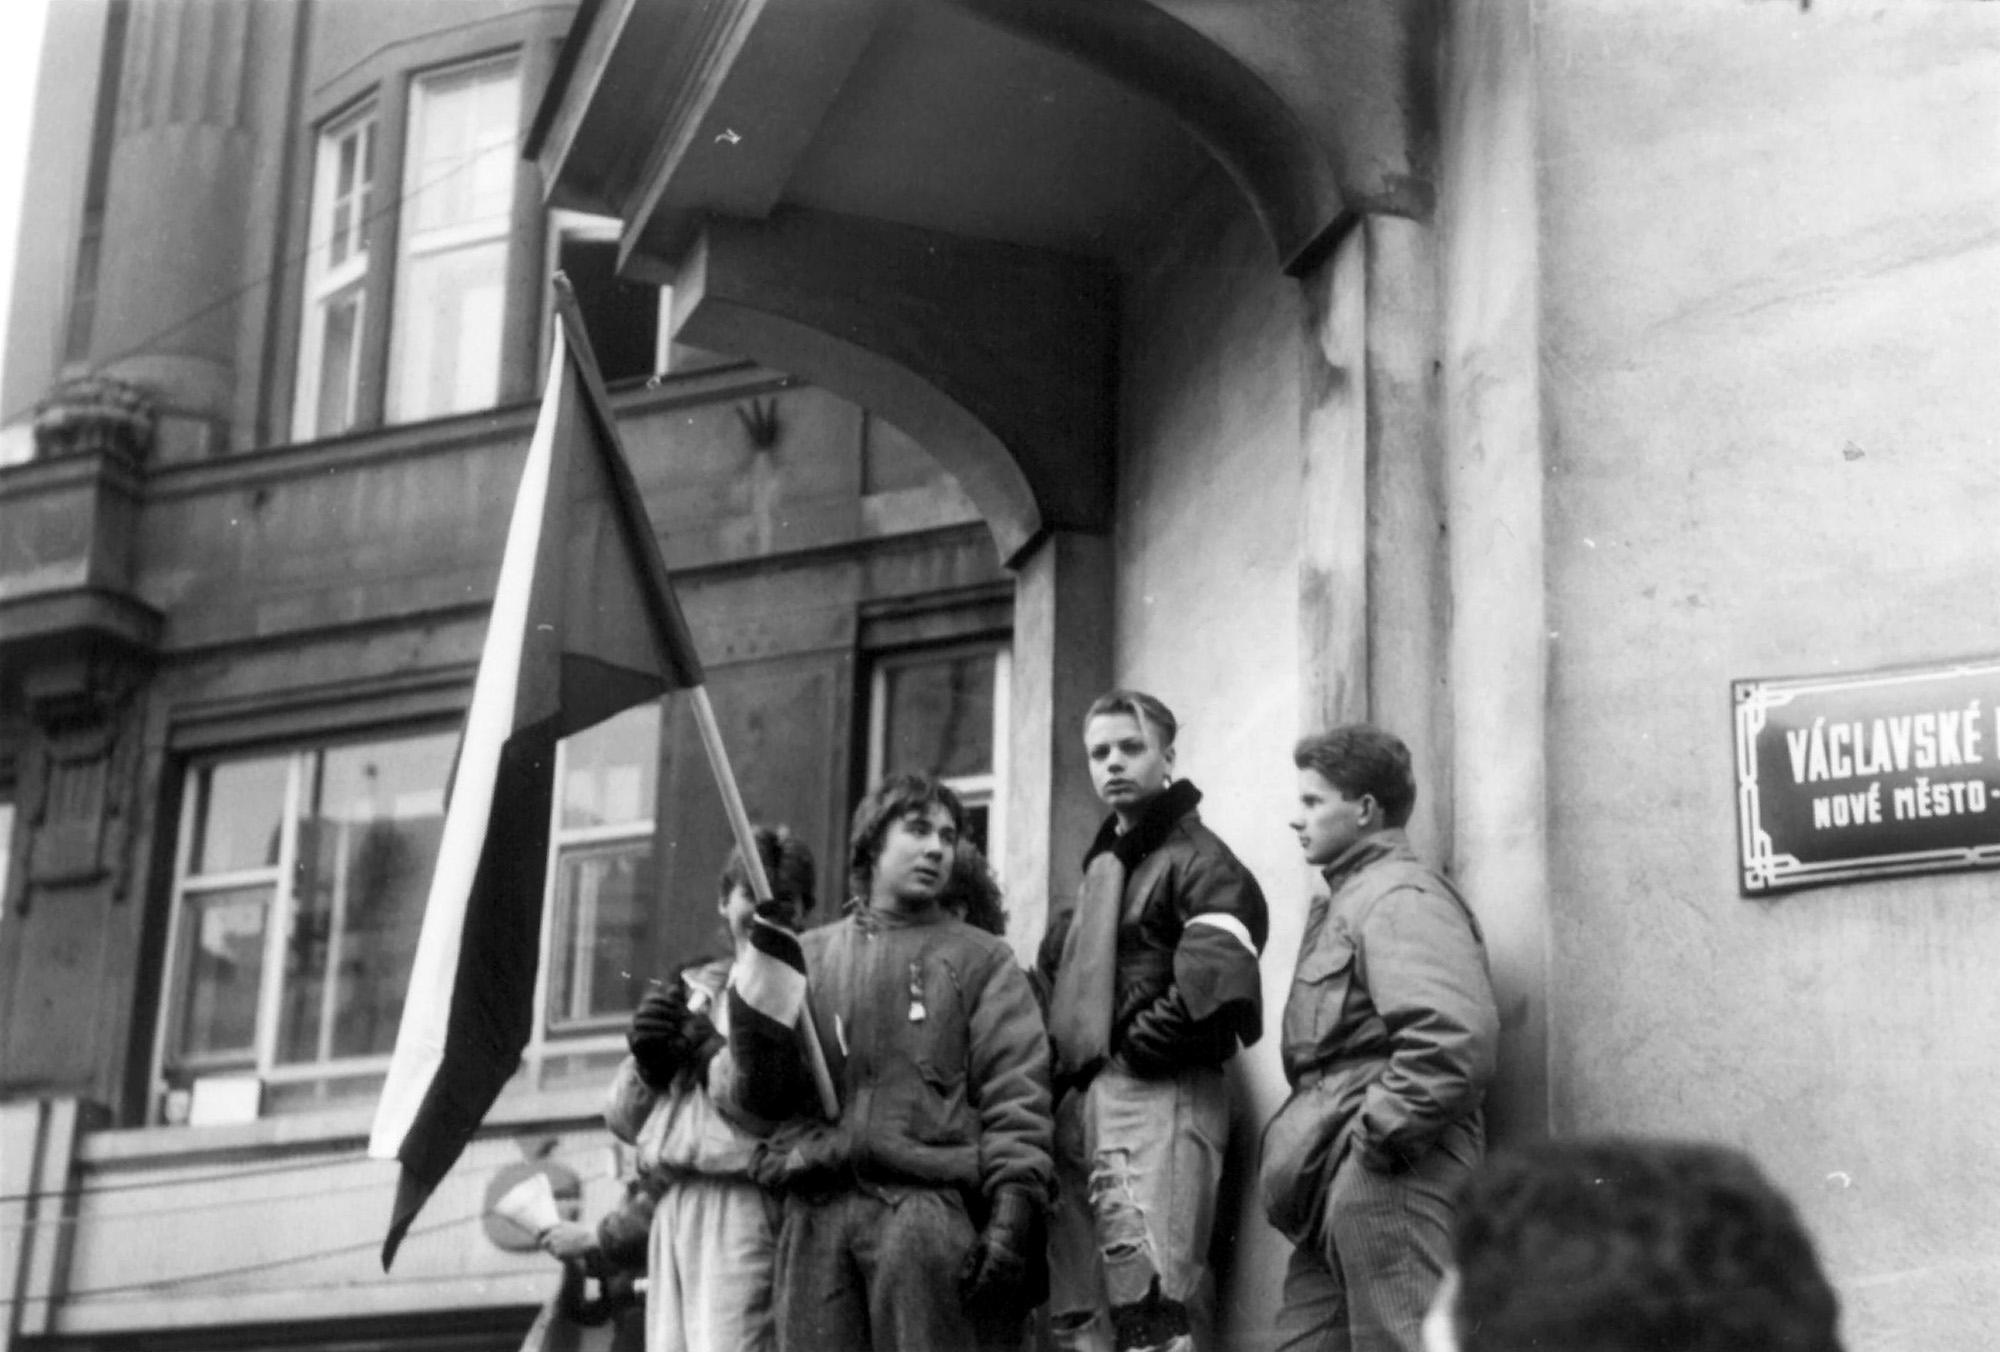 Mladí lidé s vlajkou na Václavském náměstí